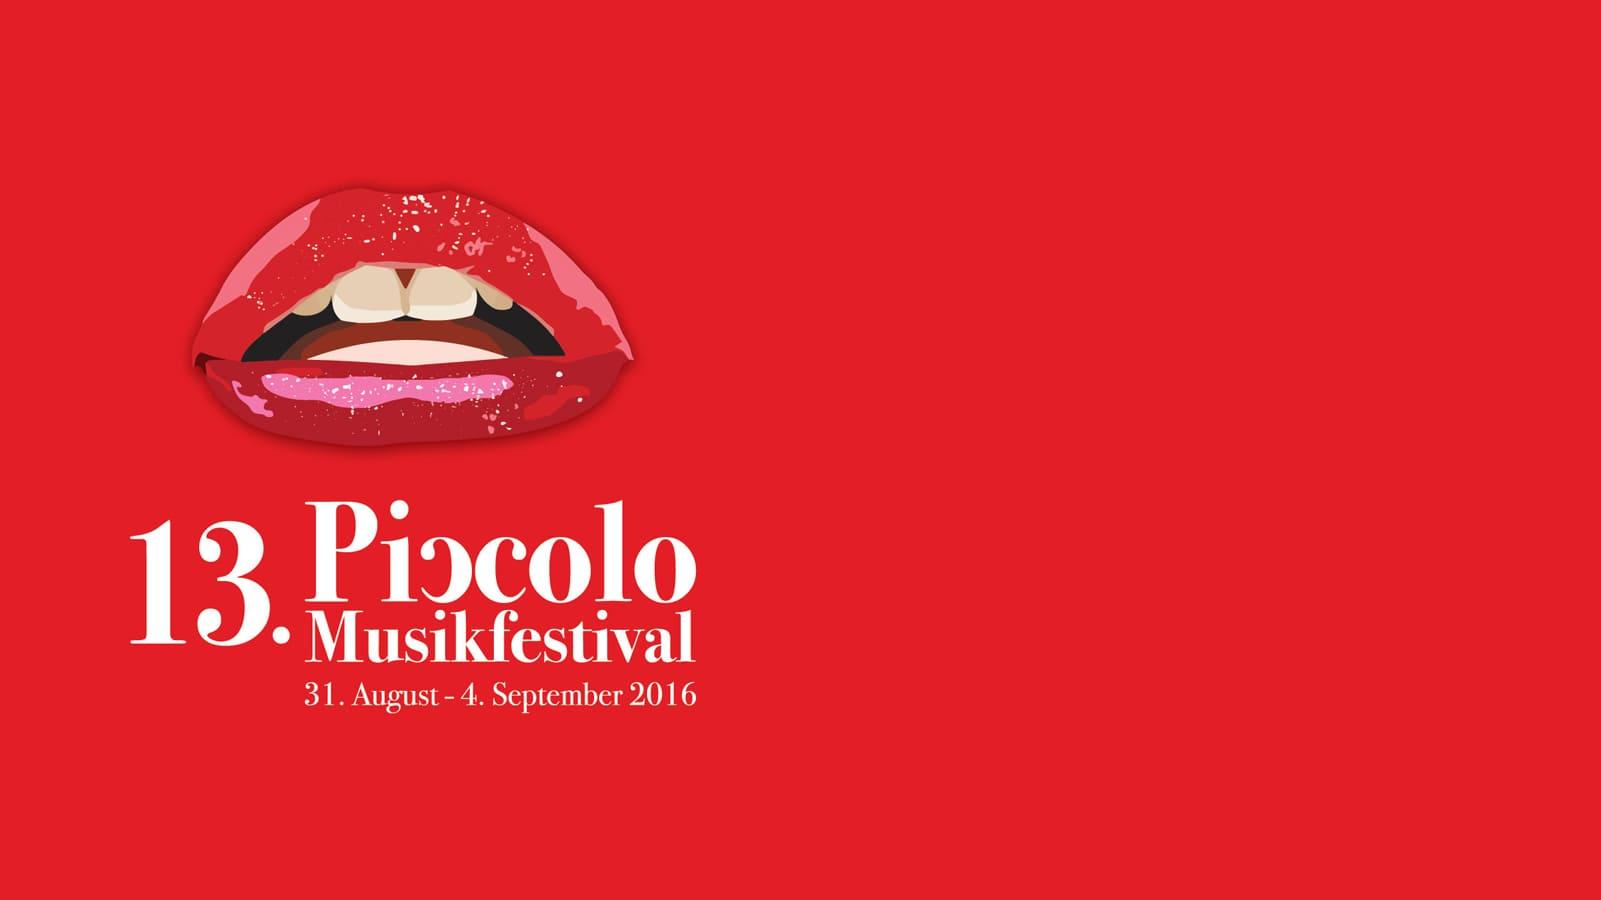 13. Piccolo Musikfestival